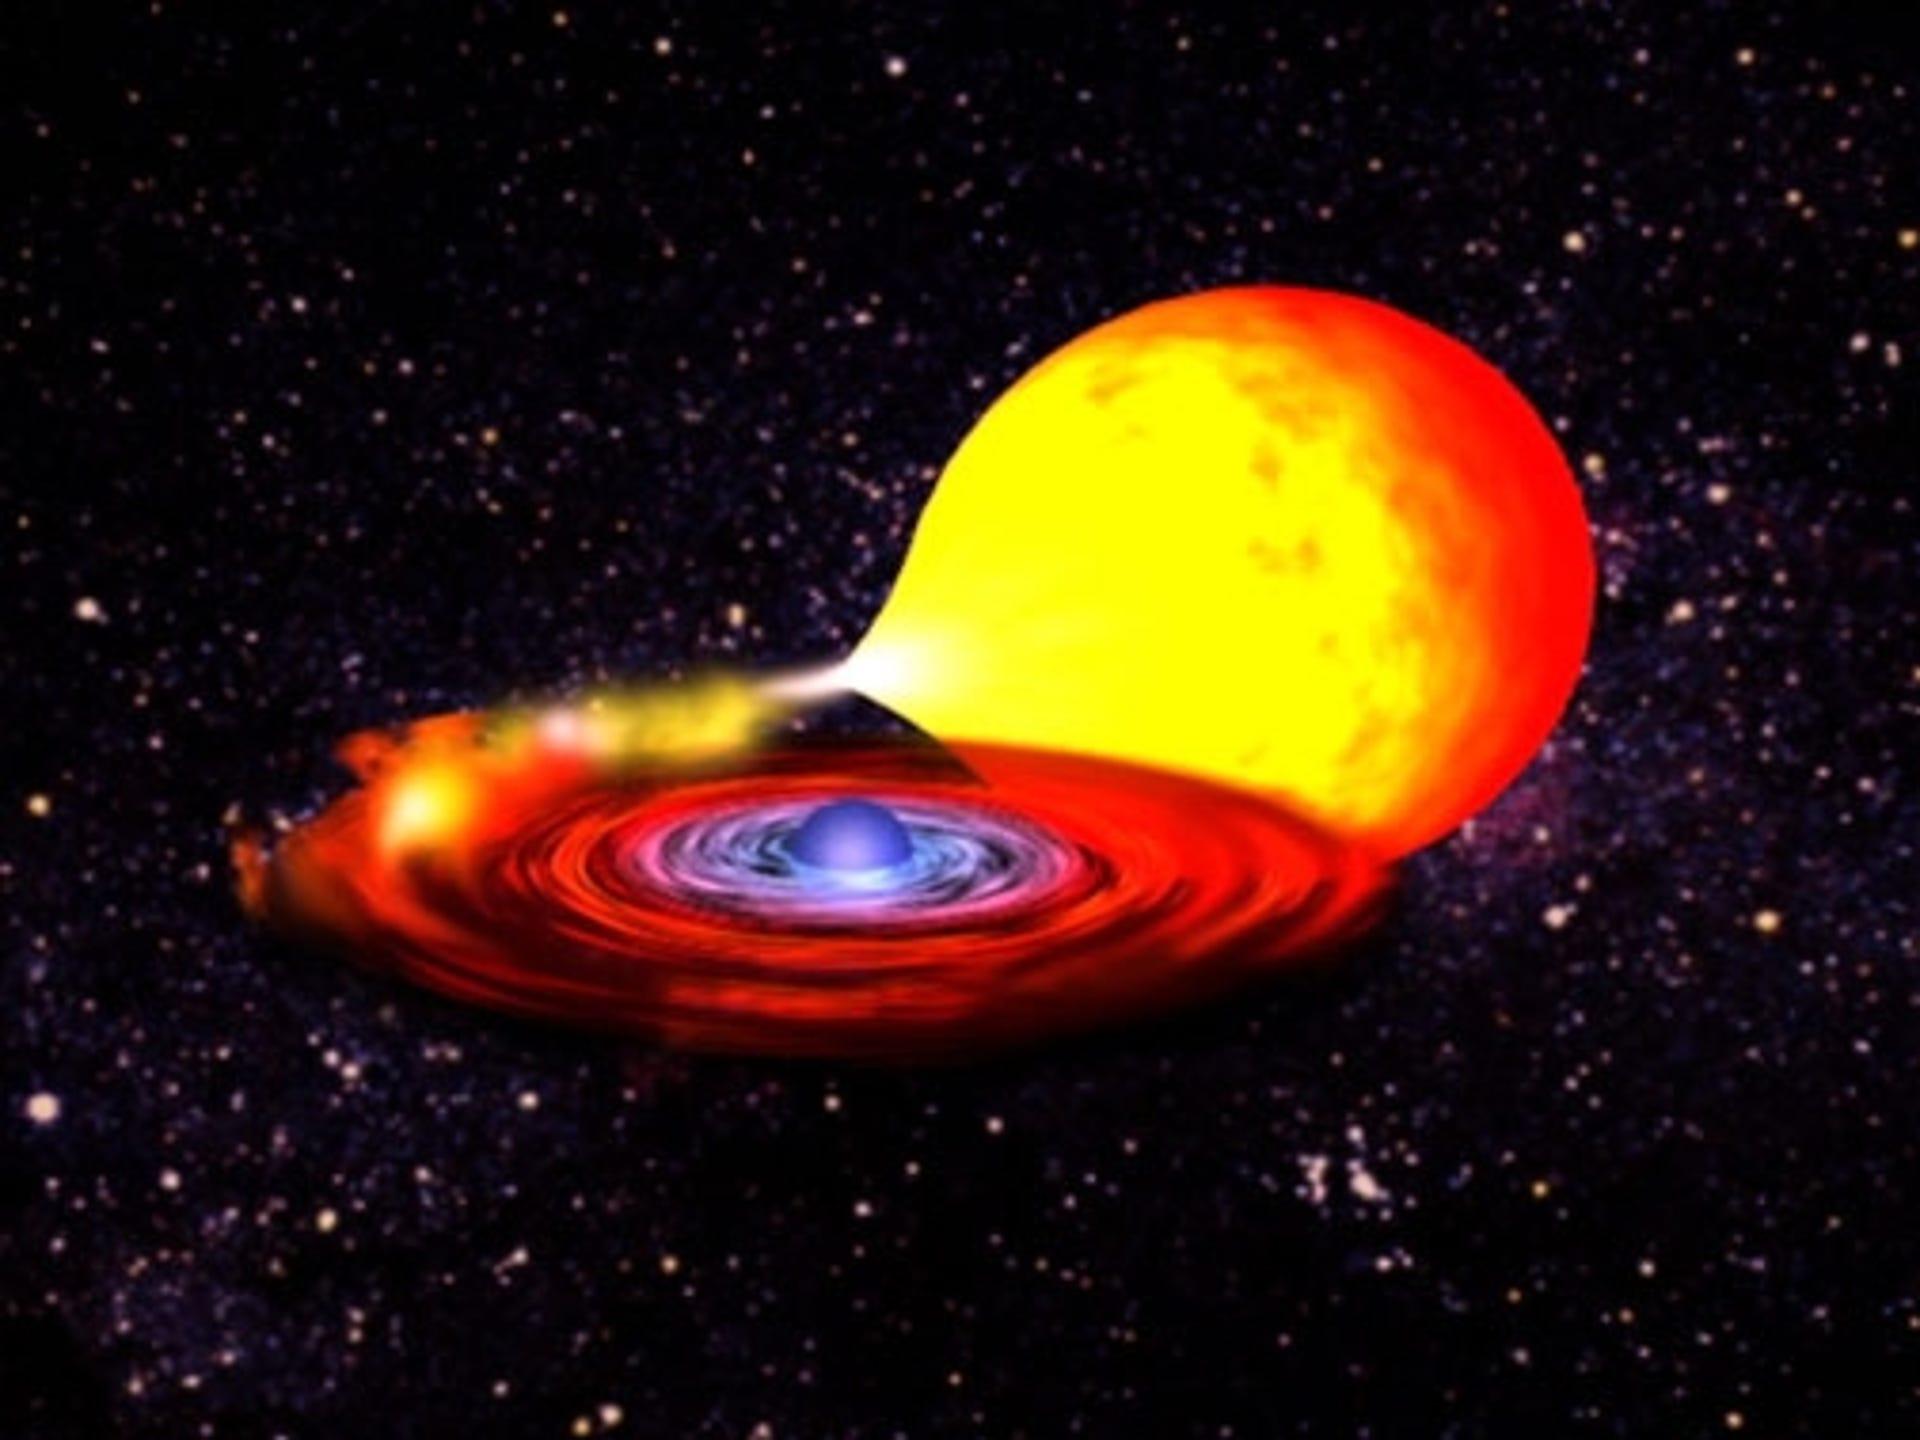 neutron star collision nasa - photo #28